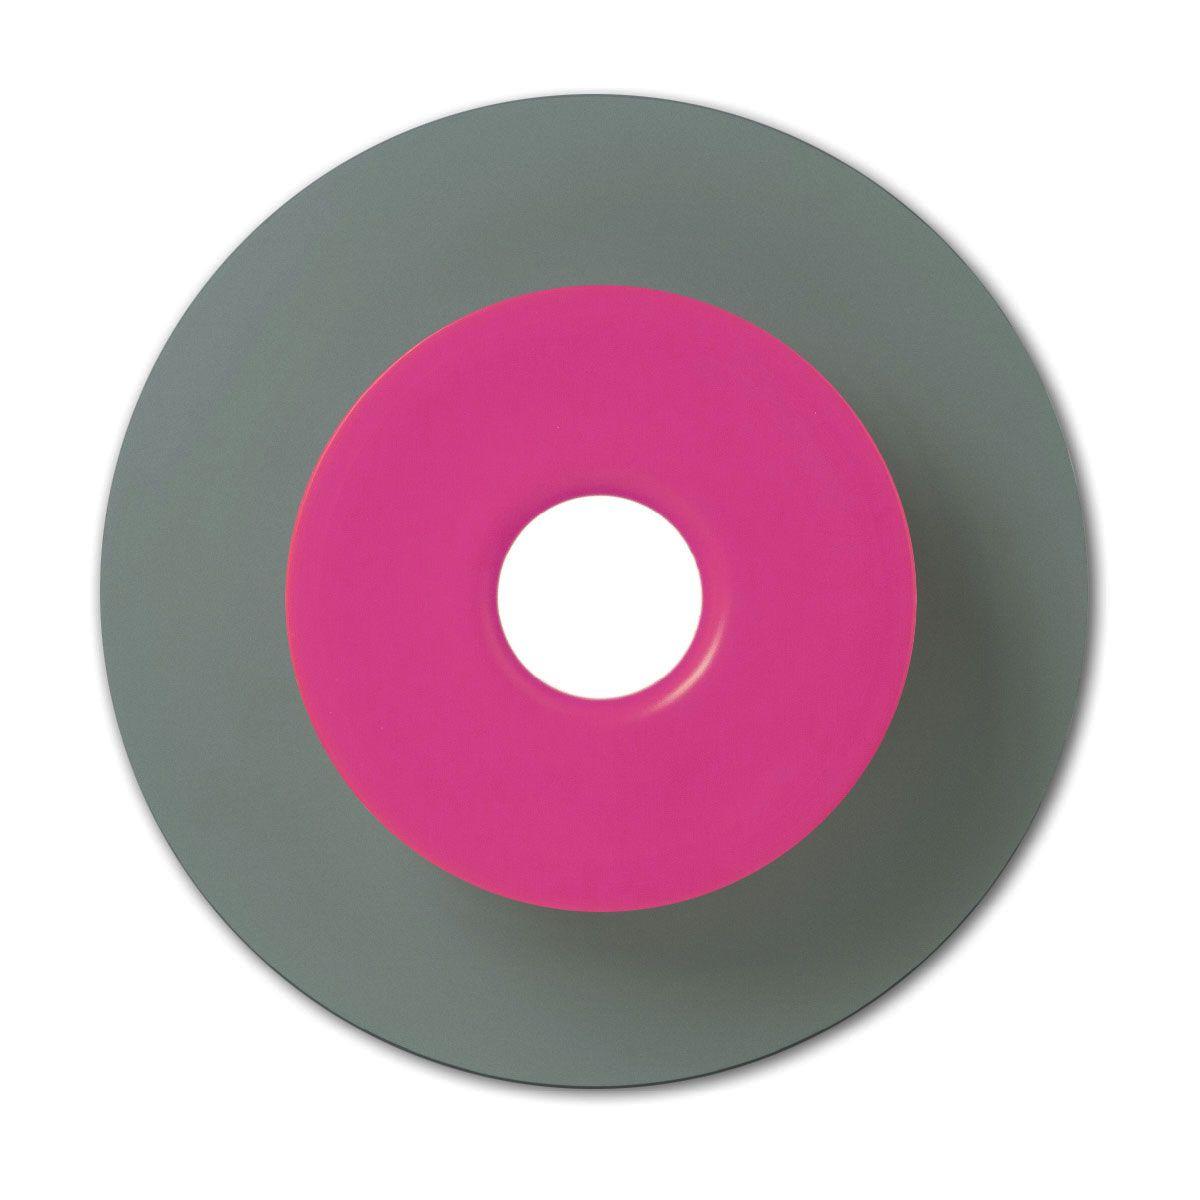 PLA Filament | Color: Iridescent Marsala